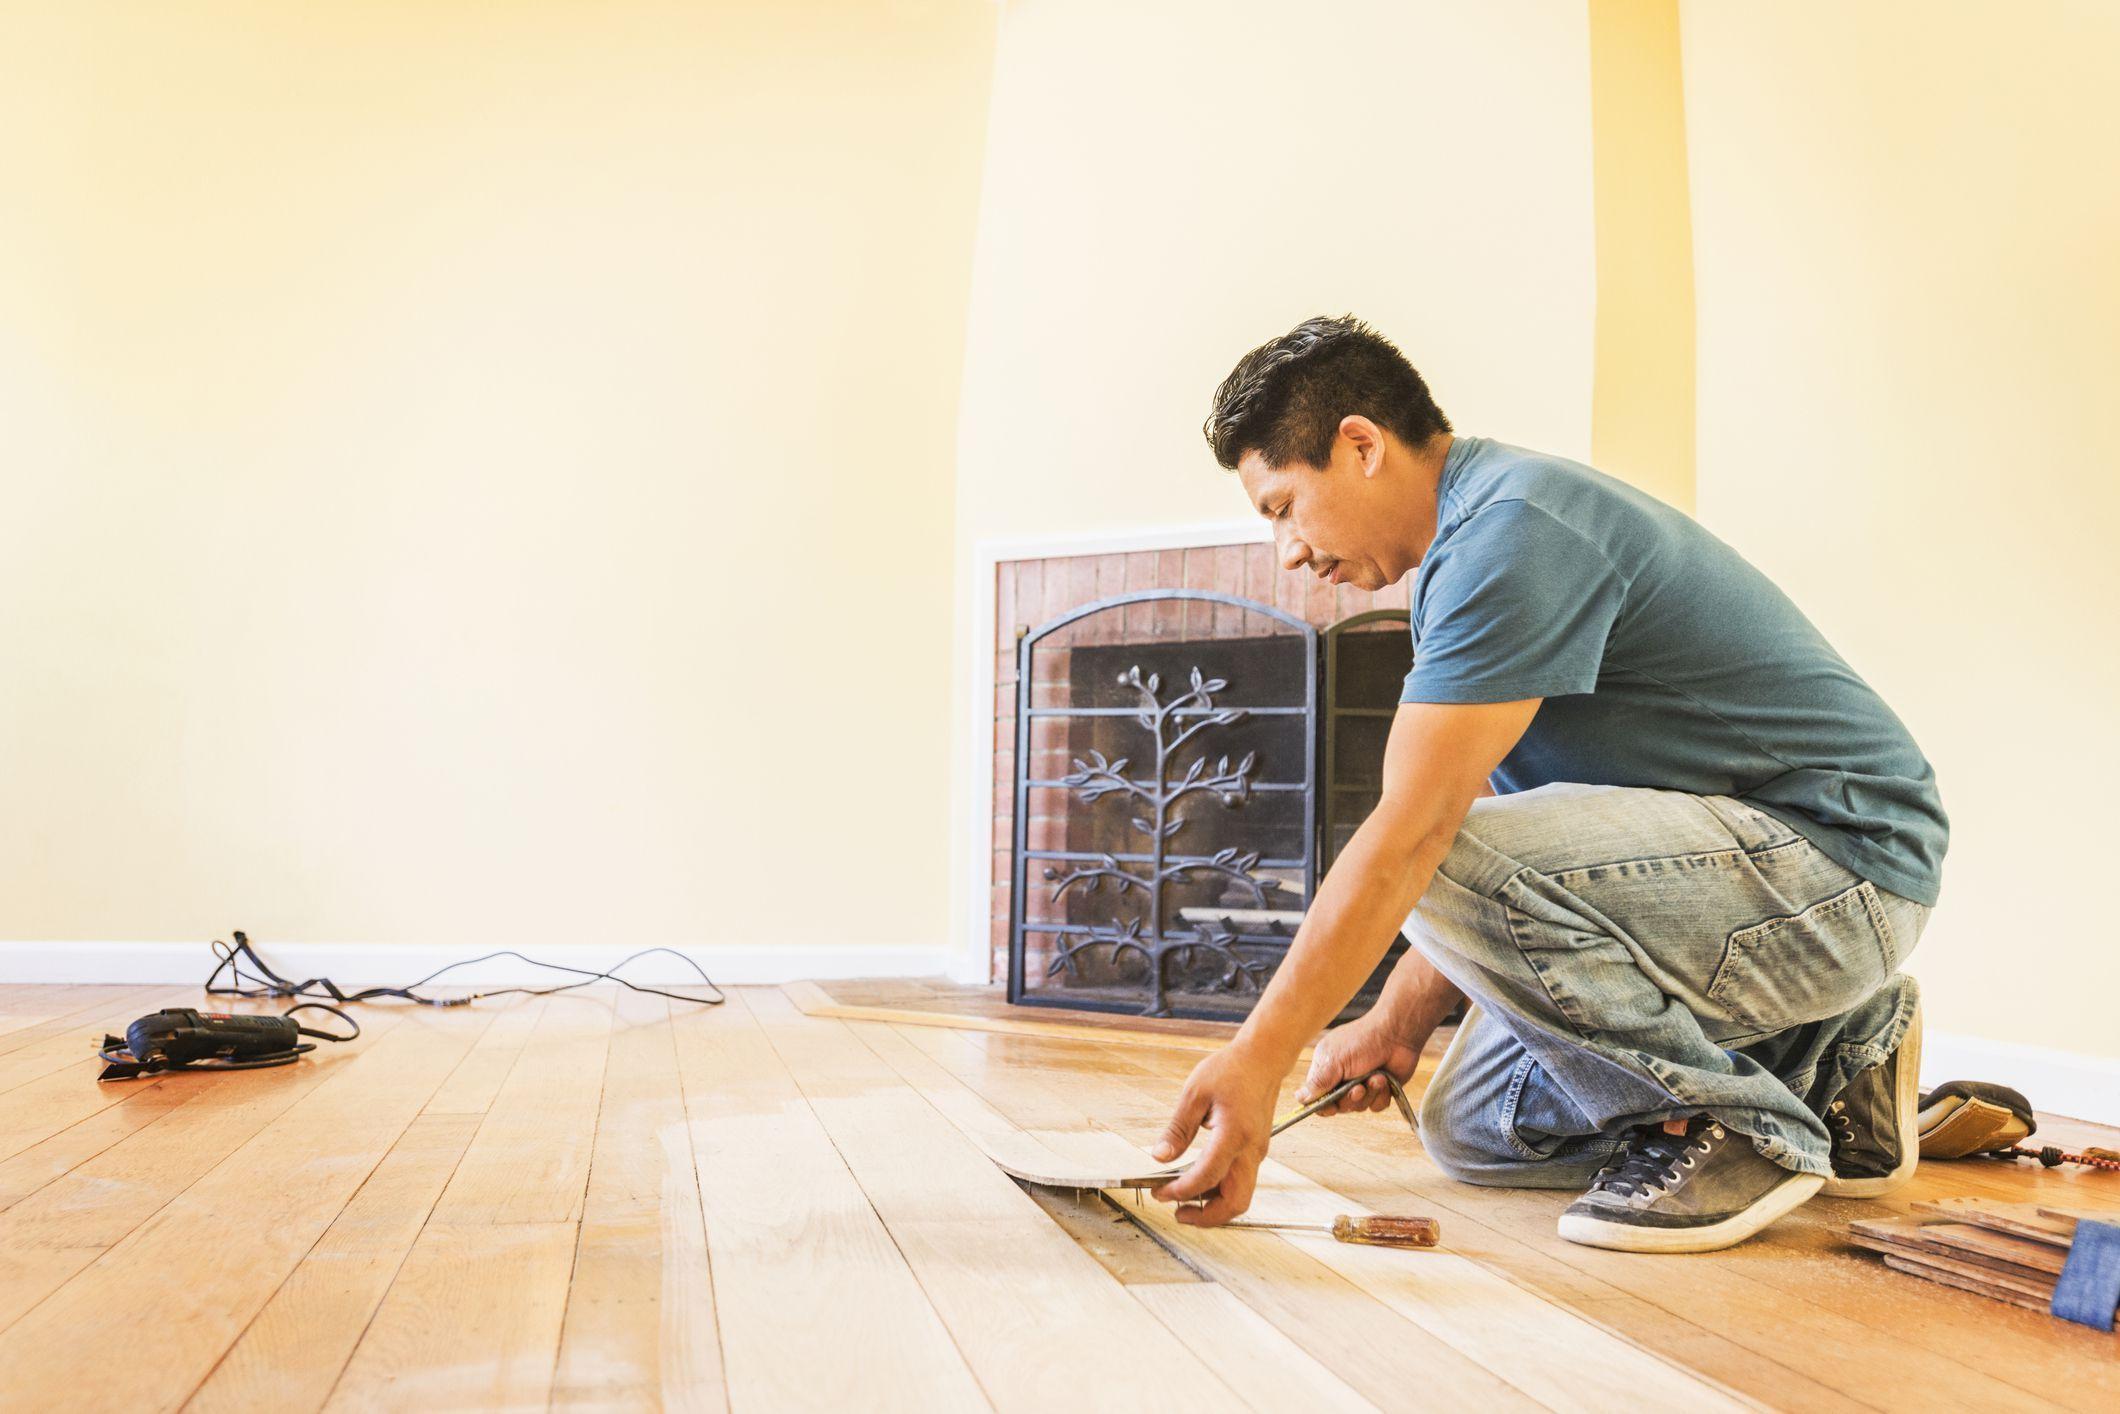 Prefab subfloor tiles make basement flooring easier basement prefab subfloor tiles make basement flooring easier dailygadgetfo Images